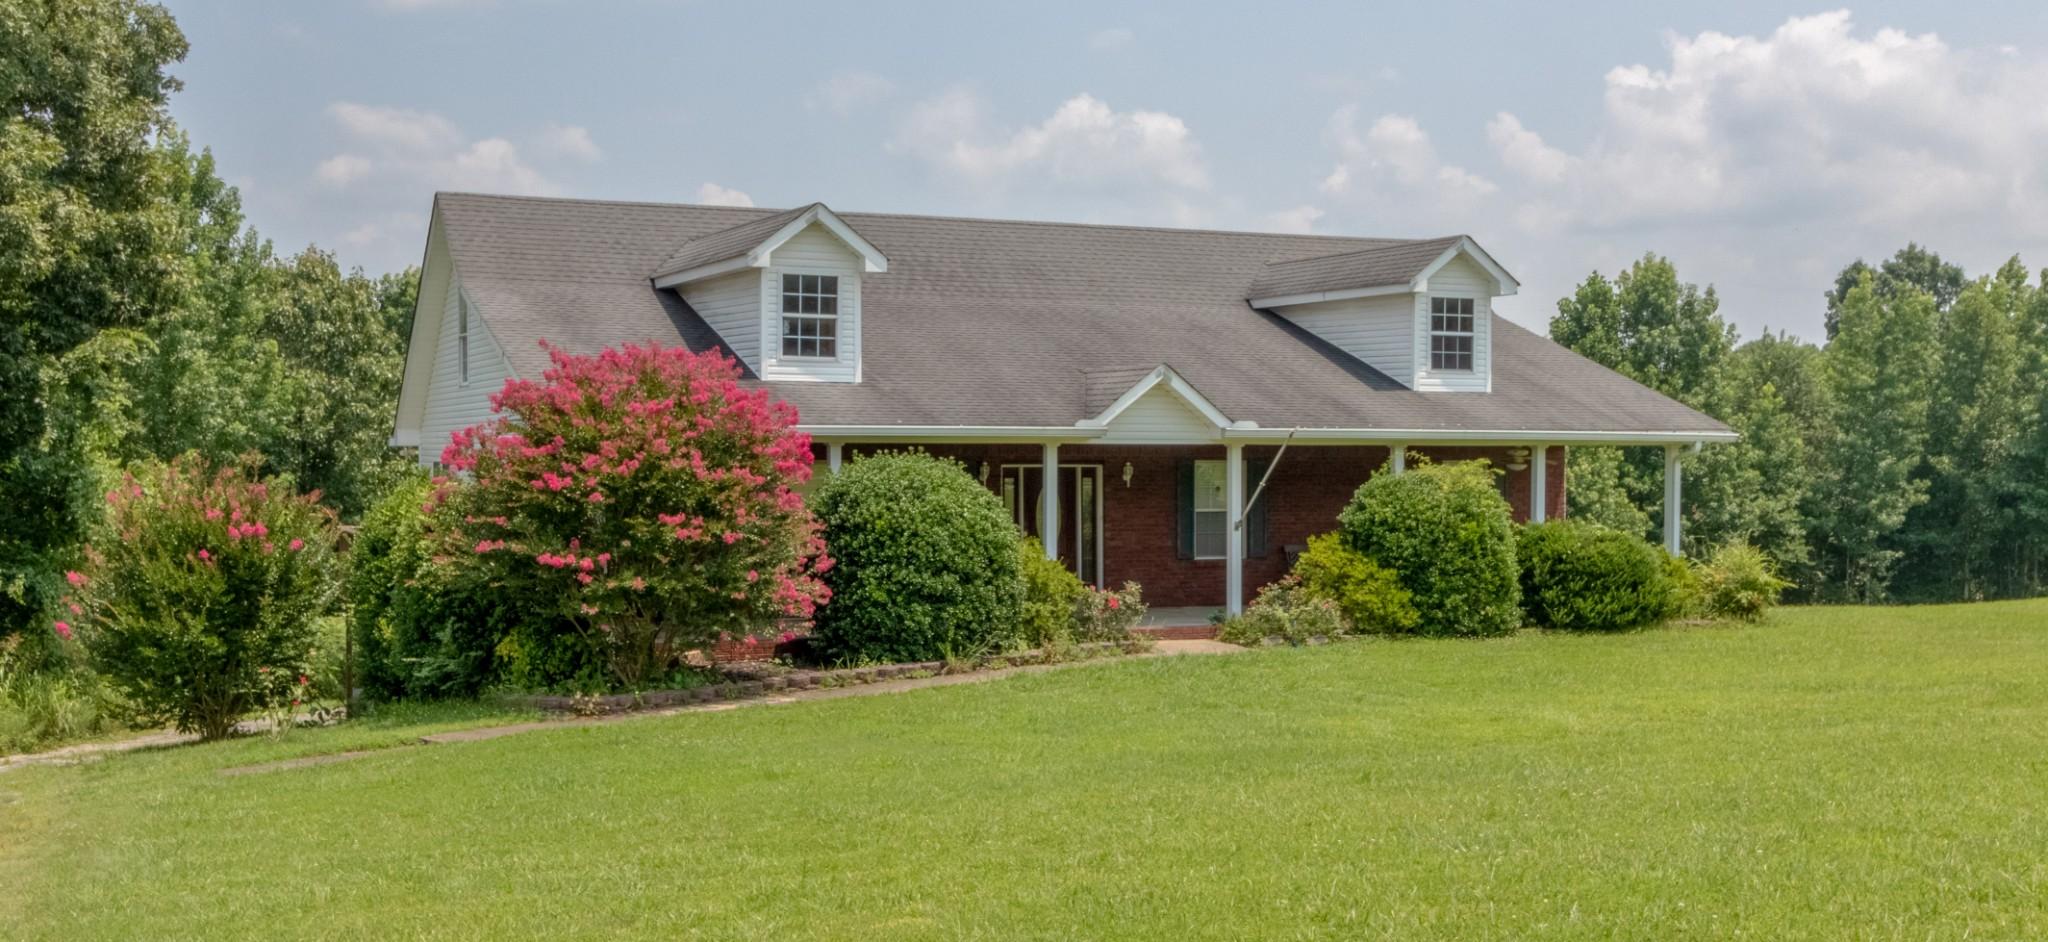 Baggett H E Jr Prope Real Estate Listings Main Image